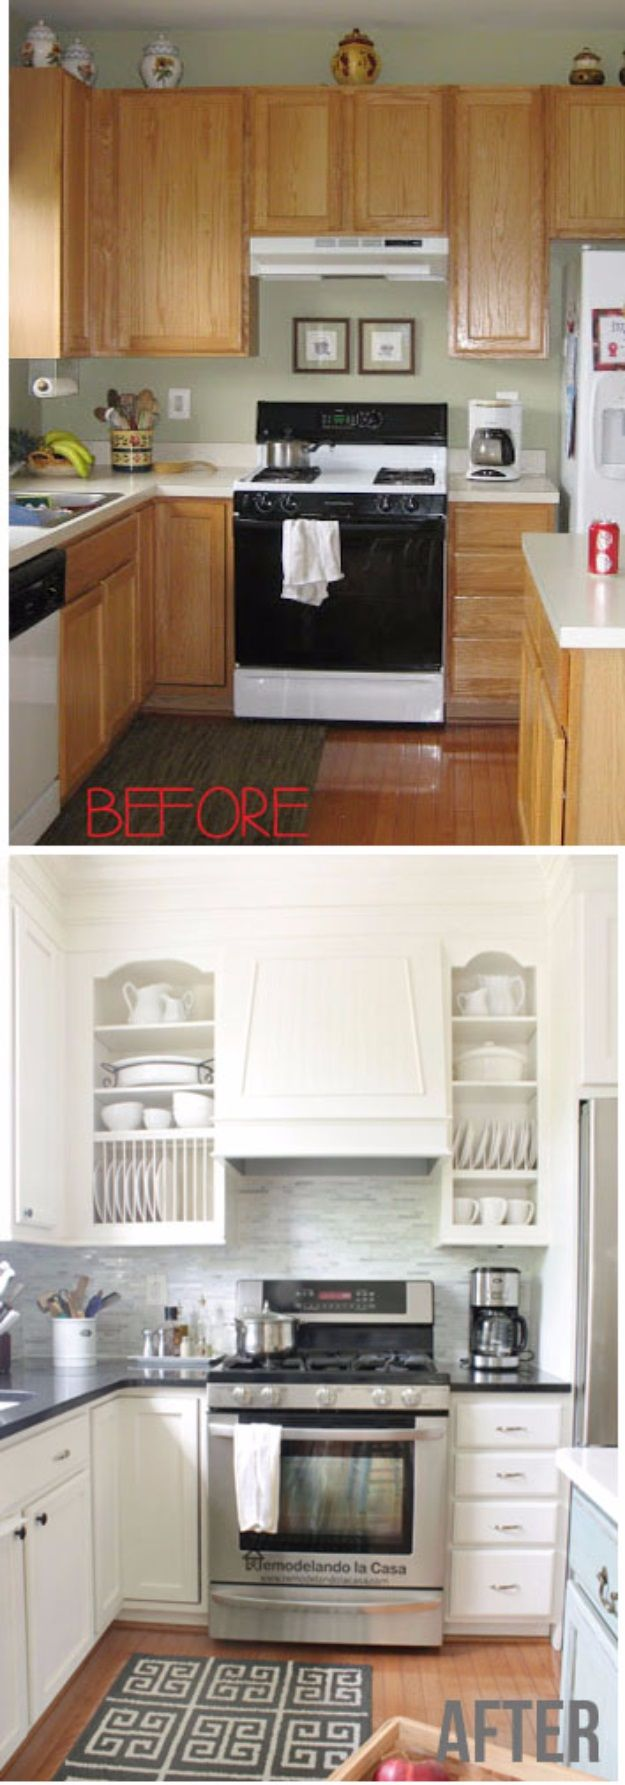 Küchenideen für kleine küchen  einfache diyideen um ihre küche jetzt zu verbessern  küchen